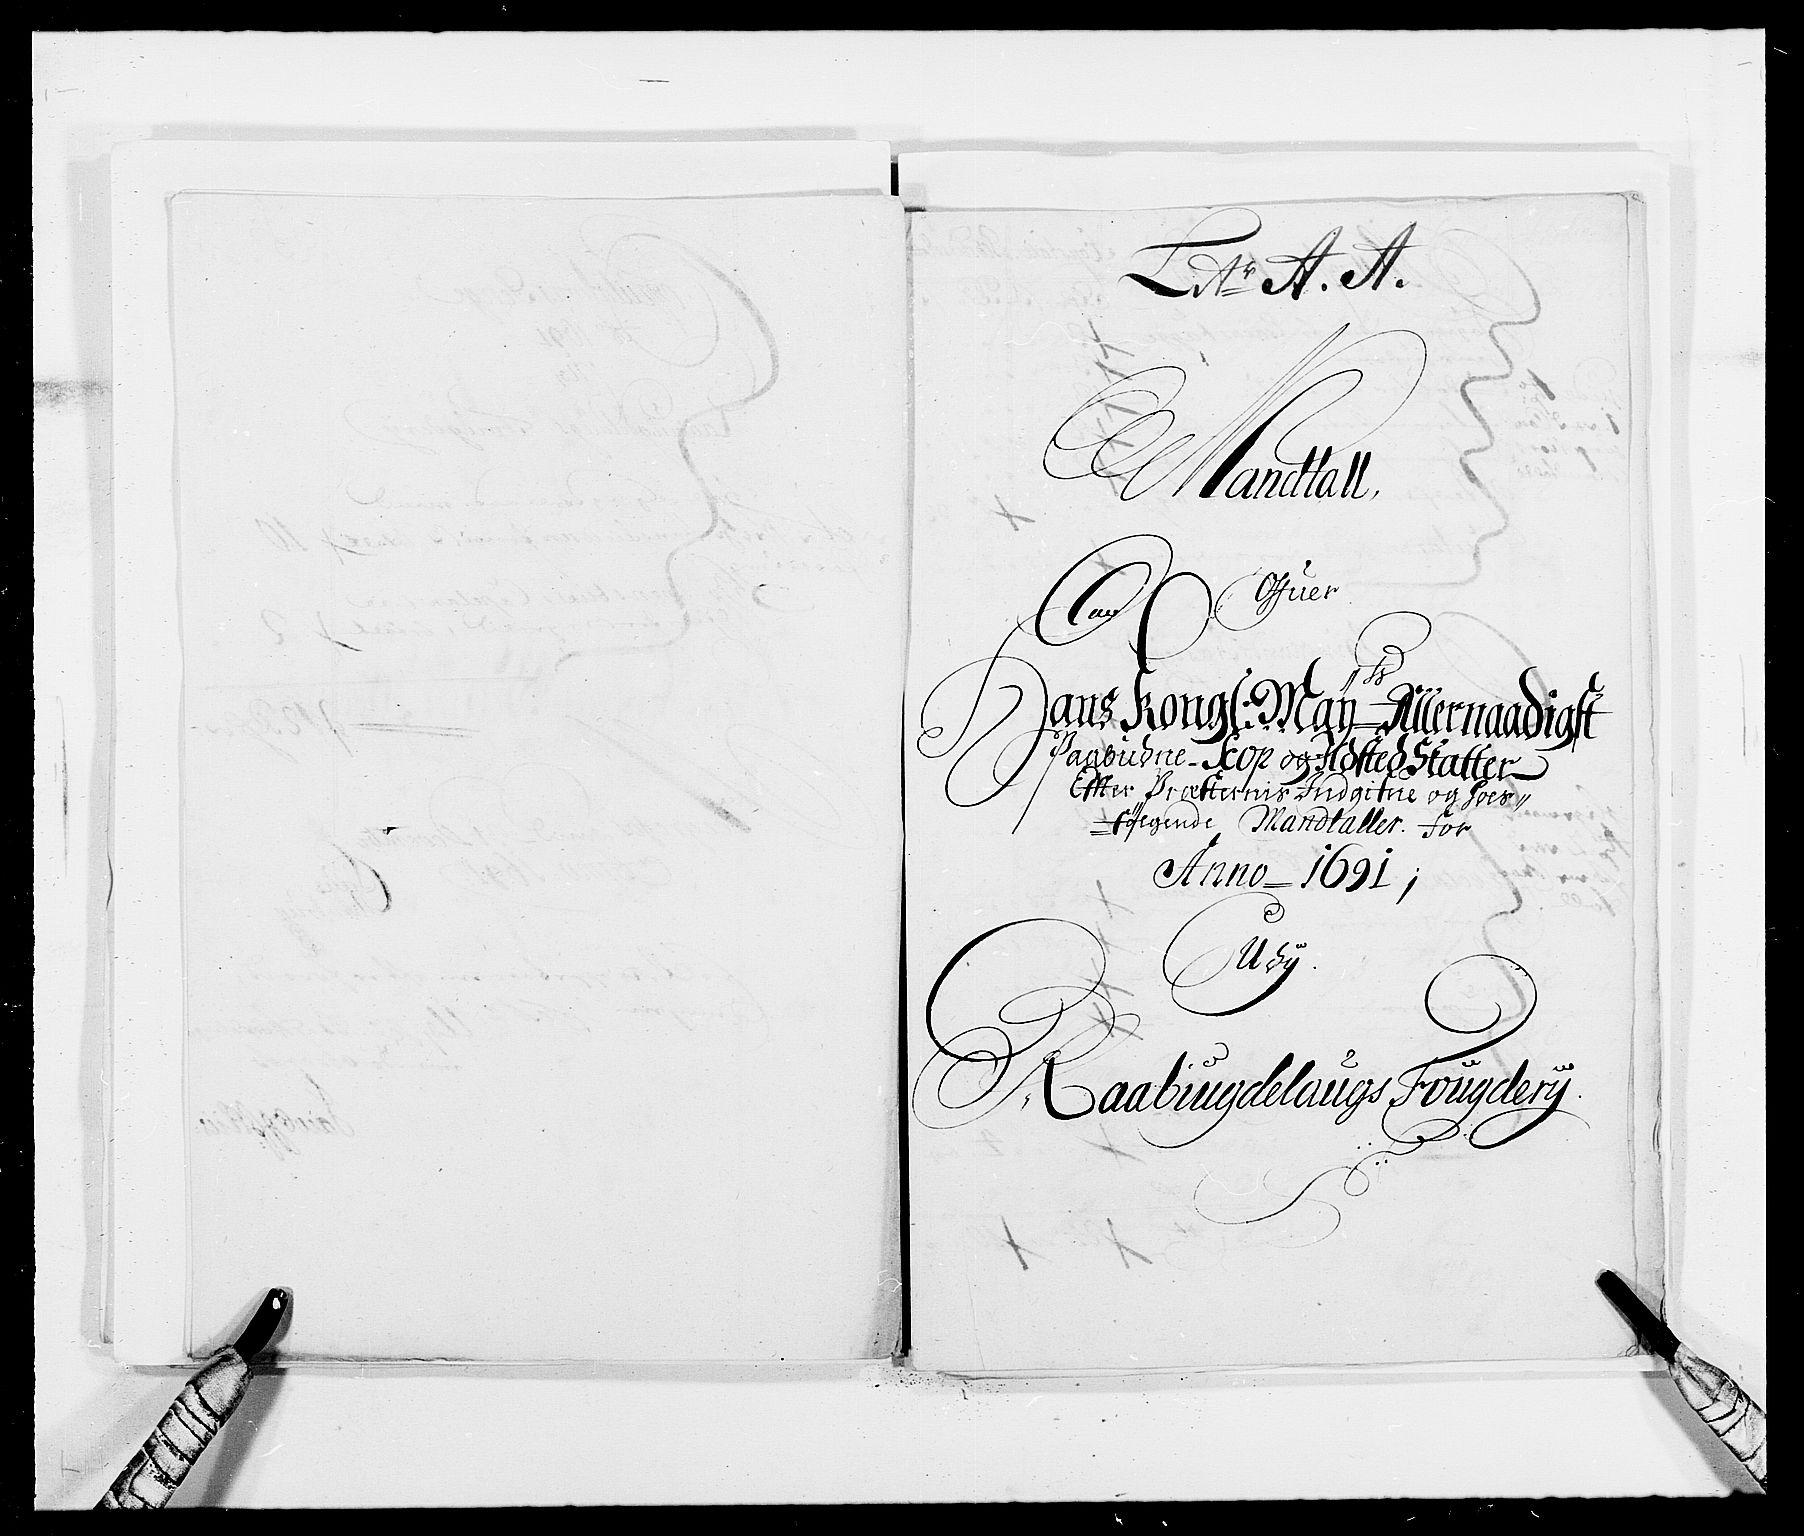 RA, Rentekammeret inntil 1814, Reviderte regnskaper, Fogderegnskap, R40/L2443: Fogderegnskap Råbyggelag, 1691-1692, s. 68